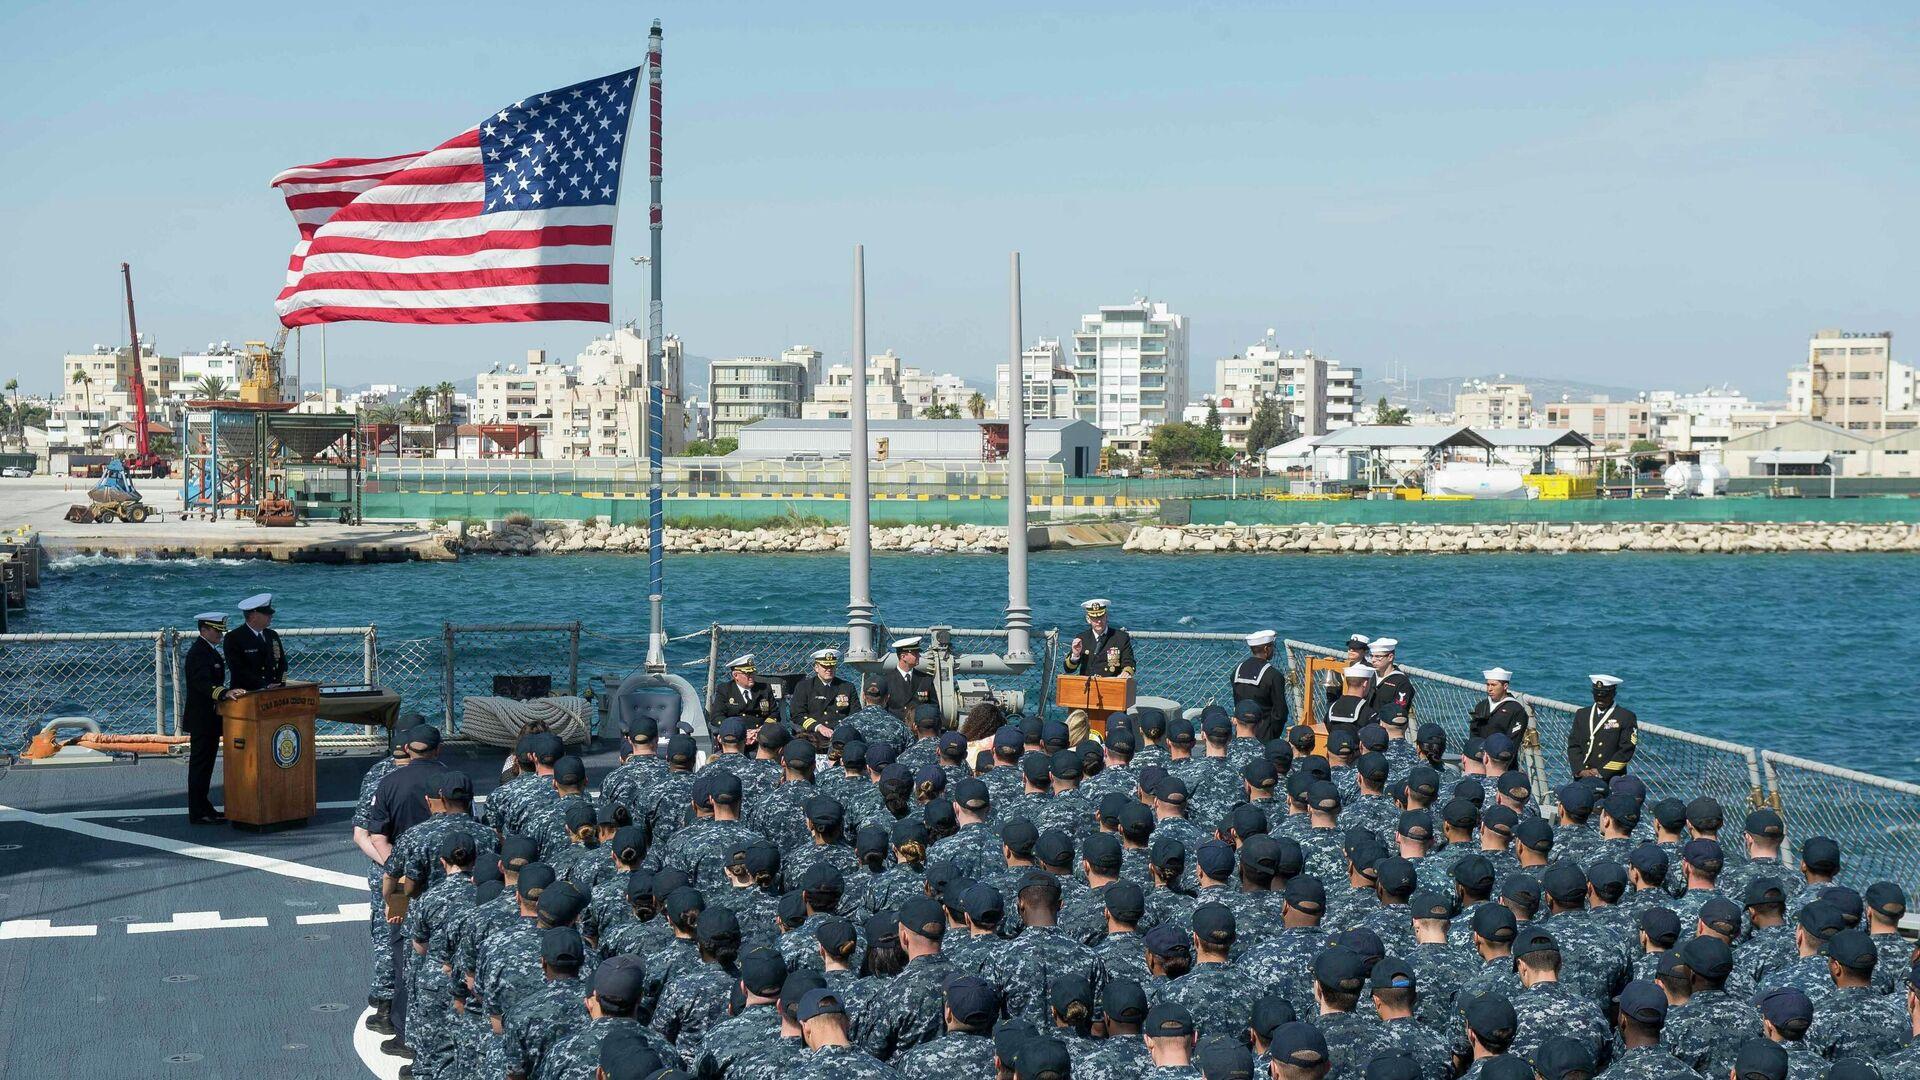 Американский ракетный эсминец USS Ross в порту Ларнаки, Кипр - РИА Новости, 1920, 03.11.2020